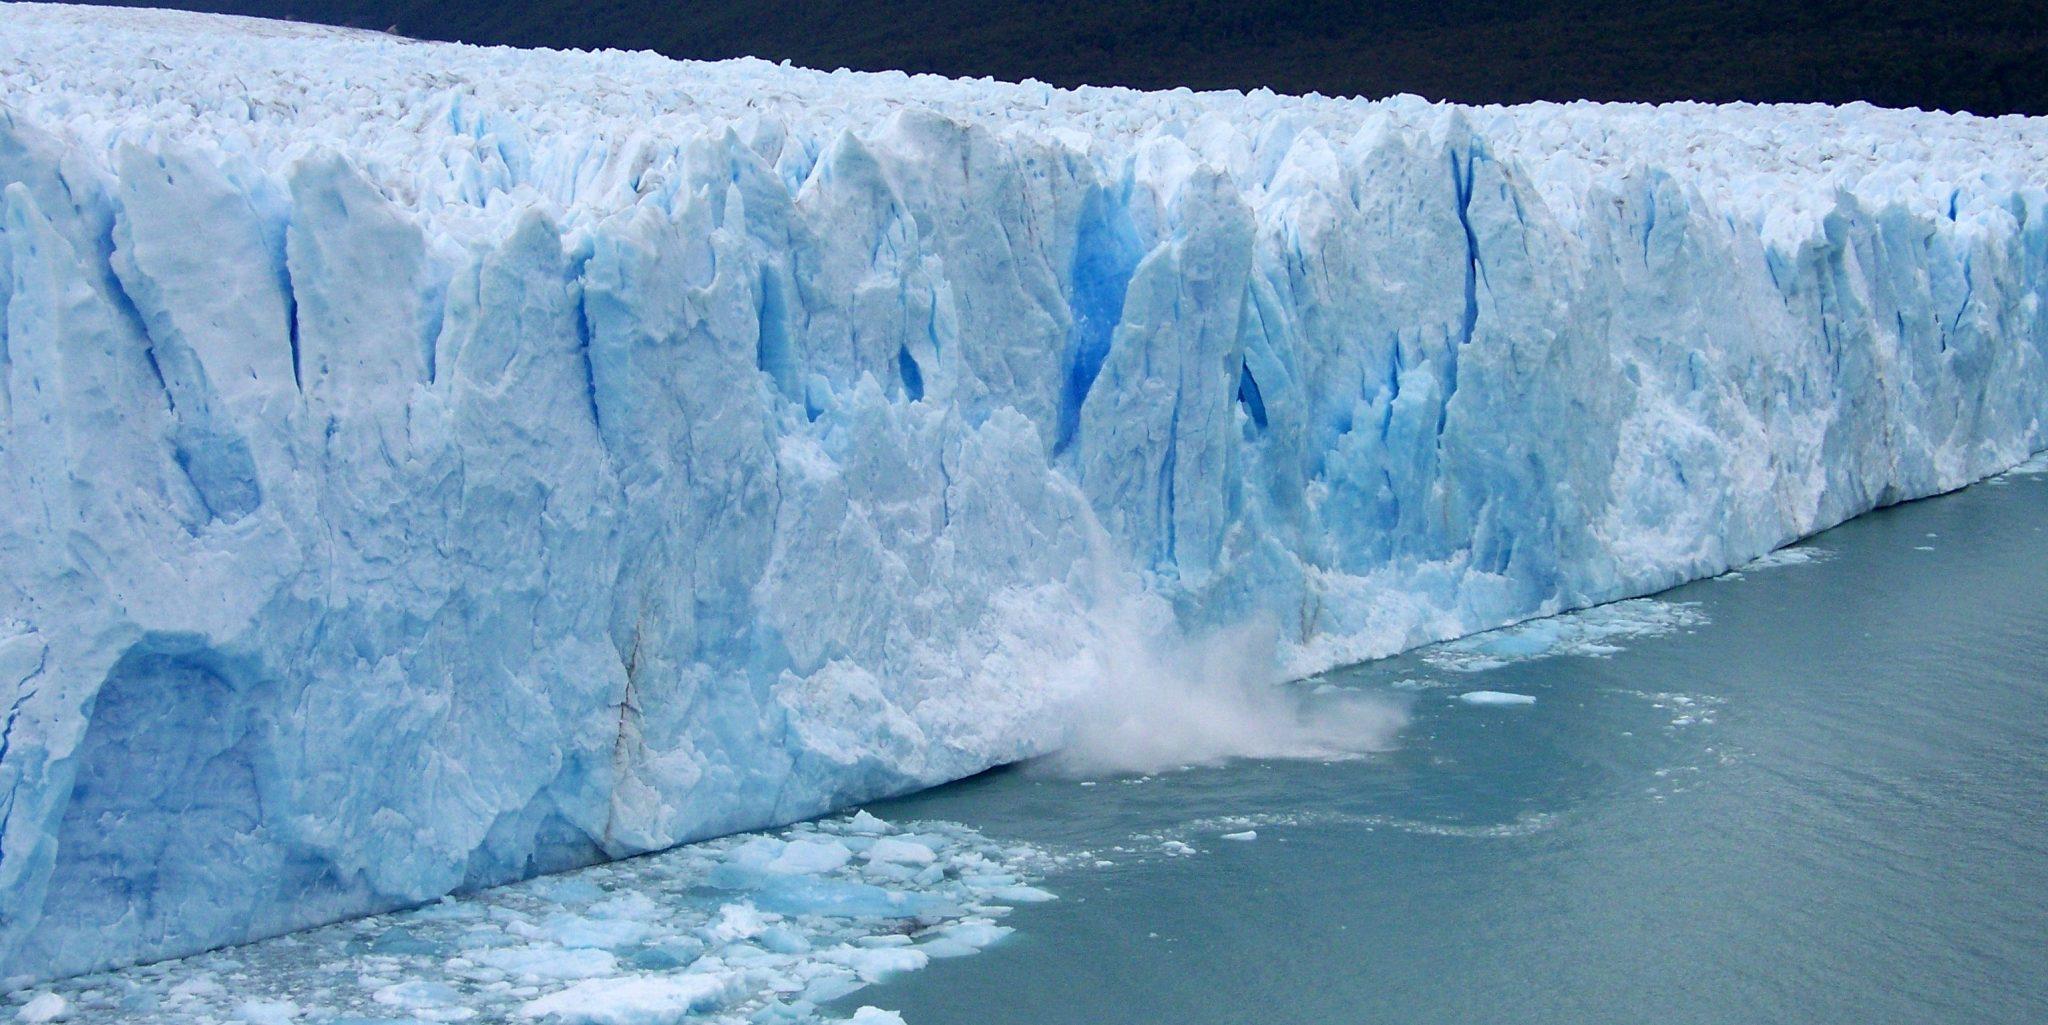 Topirea gheţarilor sub apă are loc cu o viteză mai mare faţă de ce s-a crezut